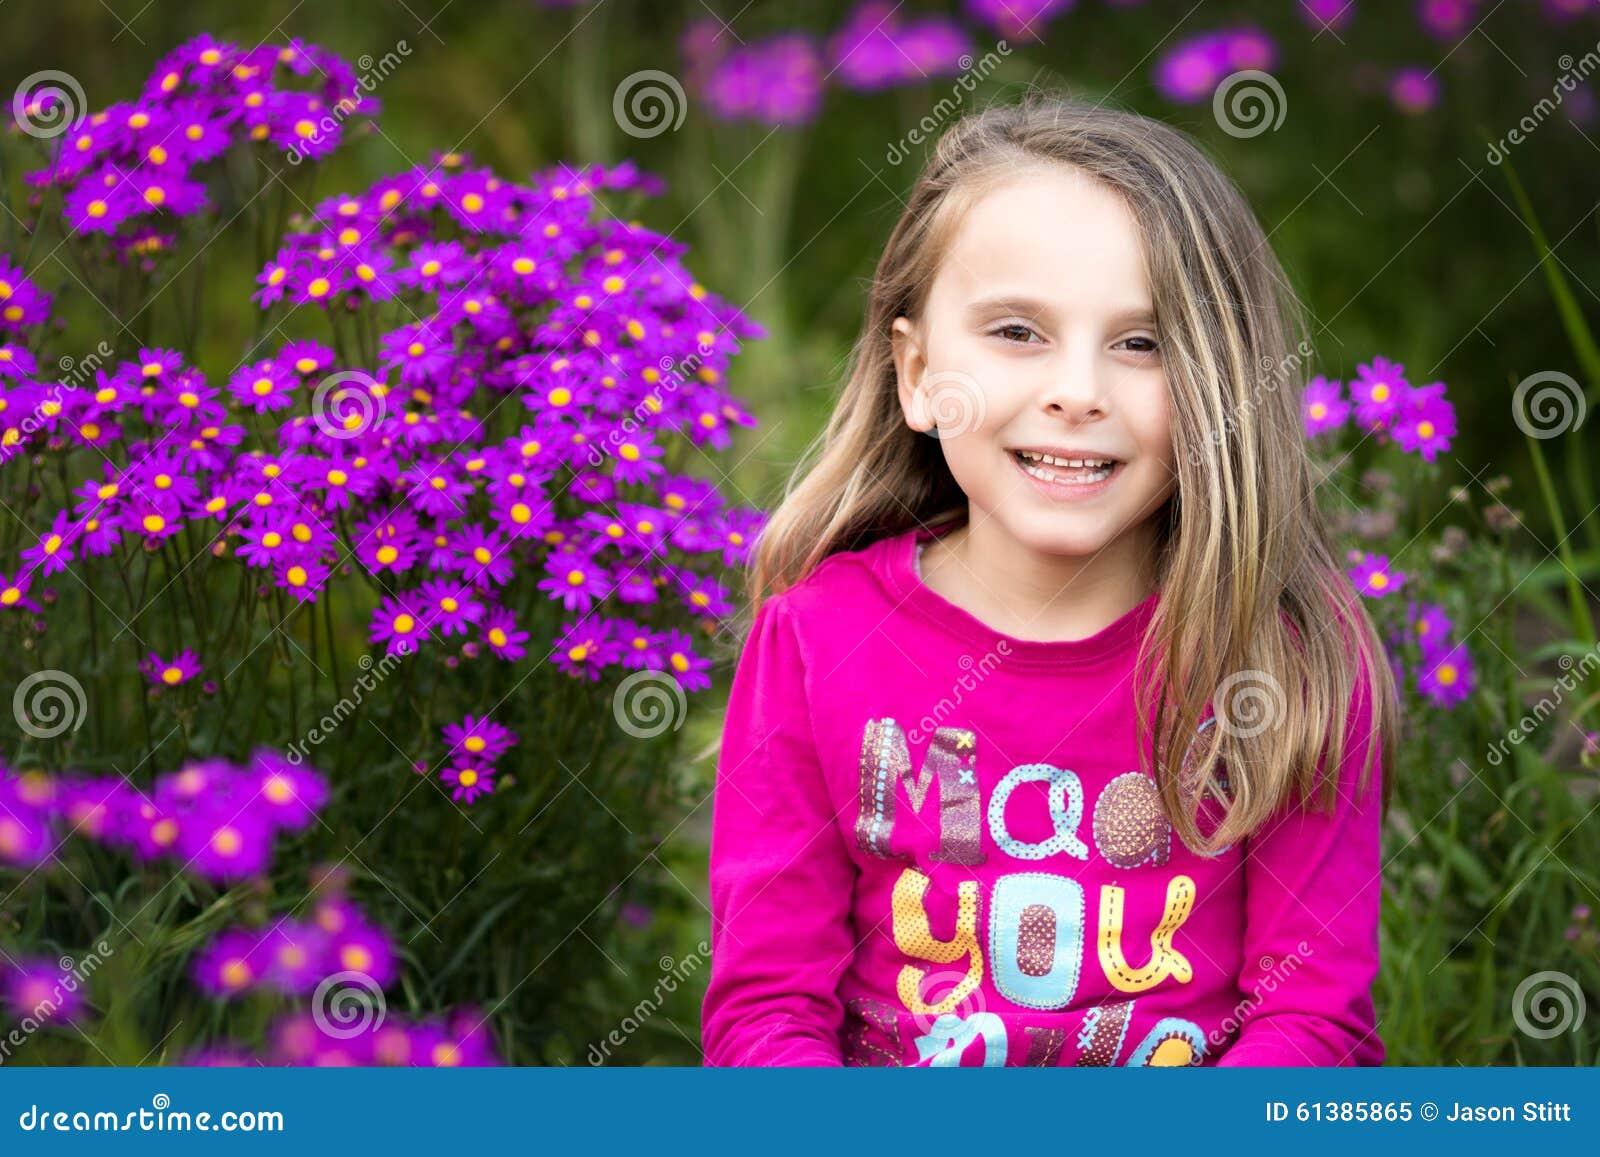 - dziewczynka z kwiatkami